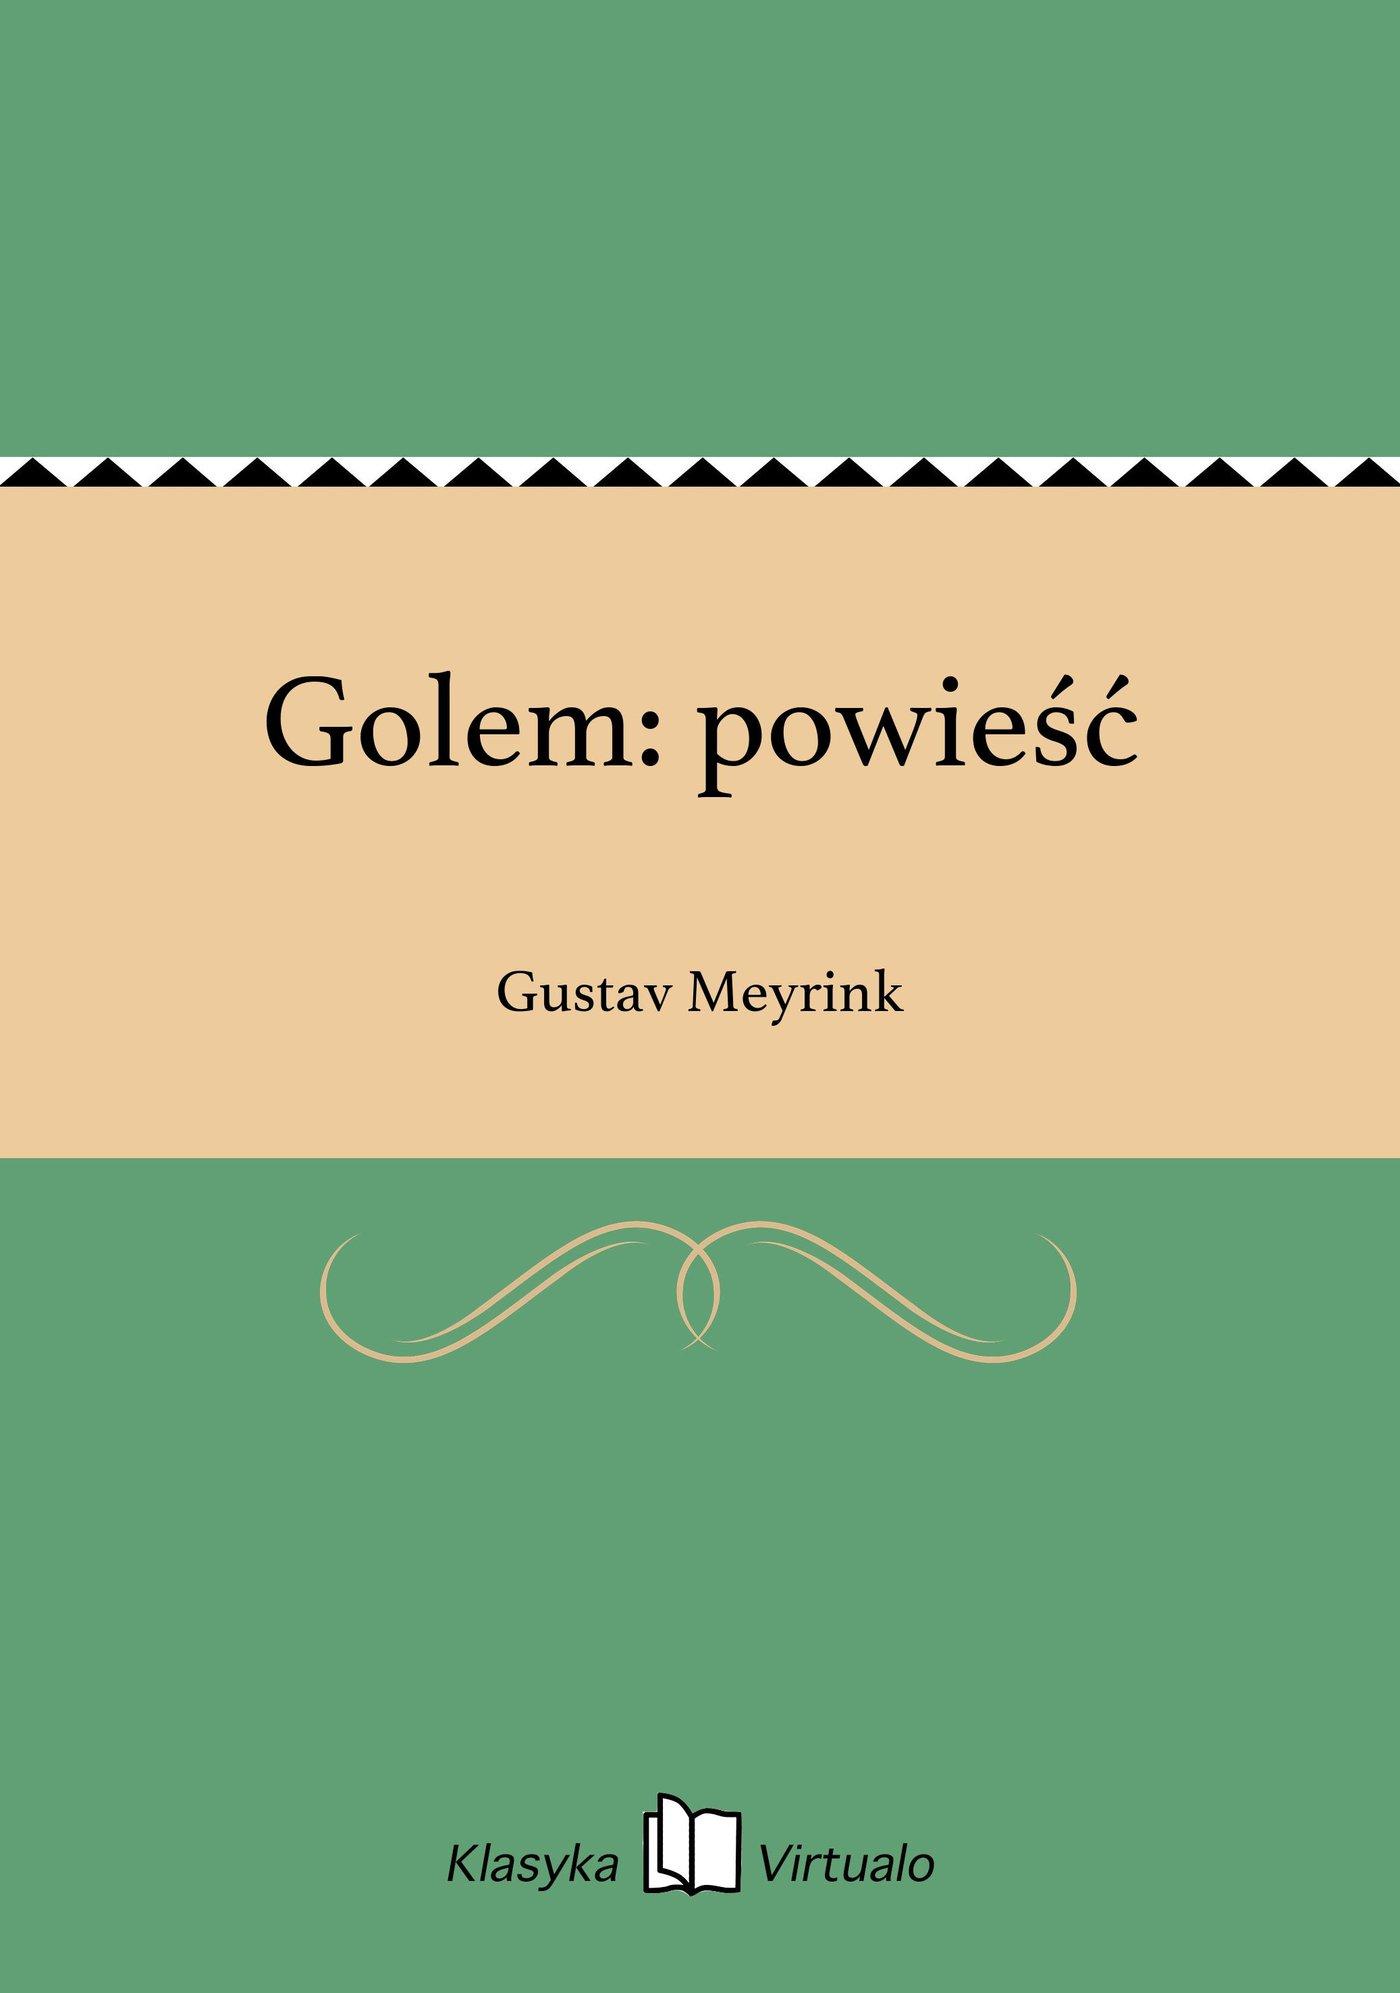 Golem: powieść - Ebook (Książka EPUB) do pobrania w formacie EPUB